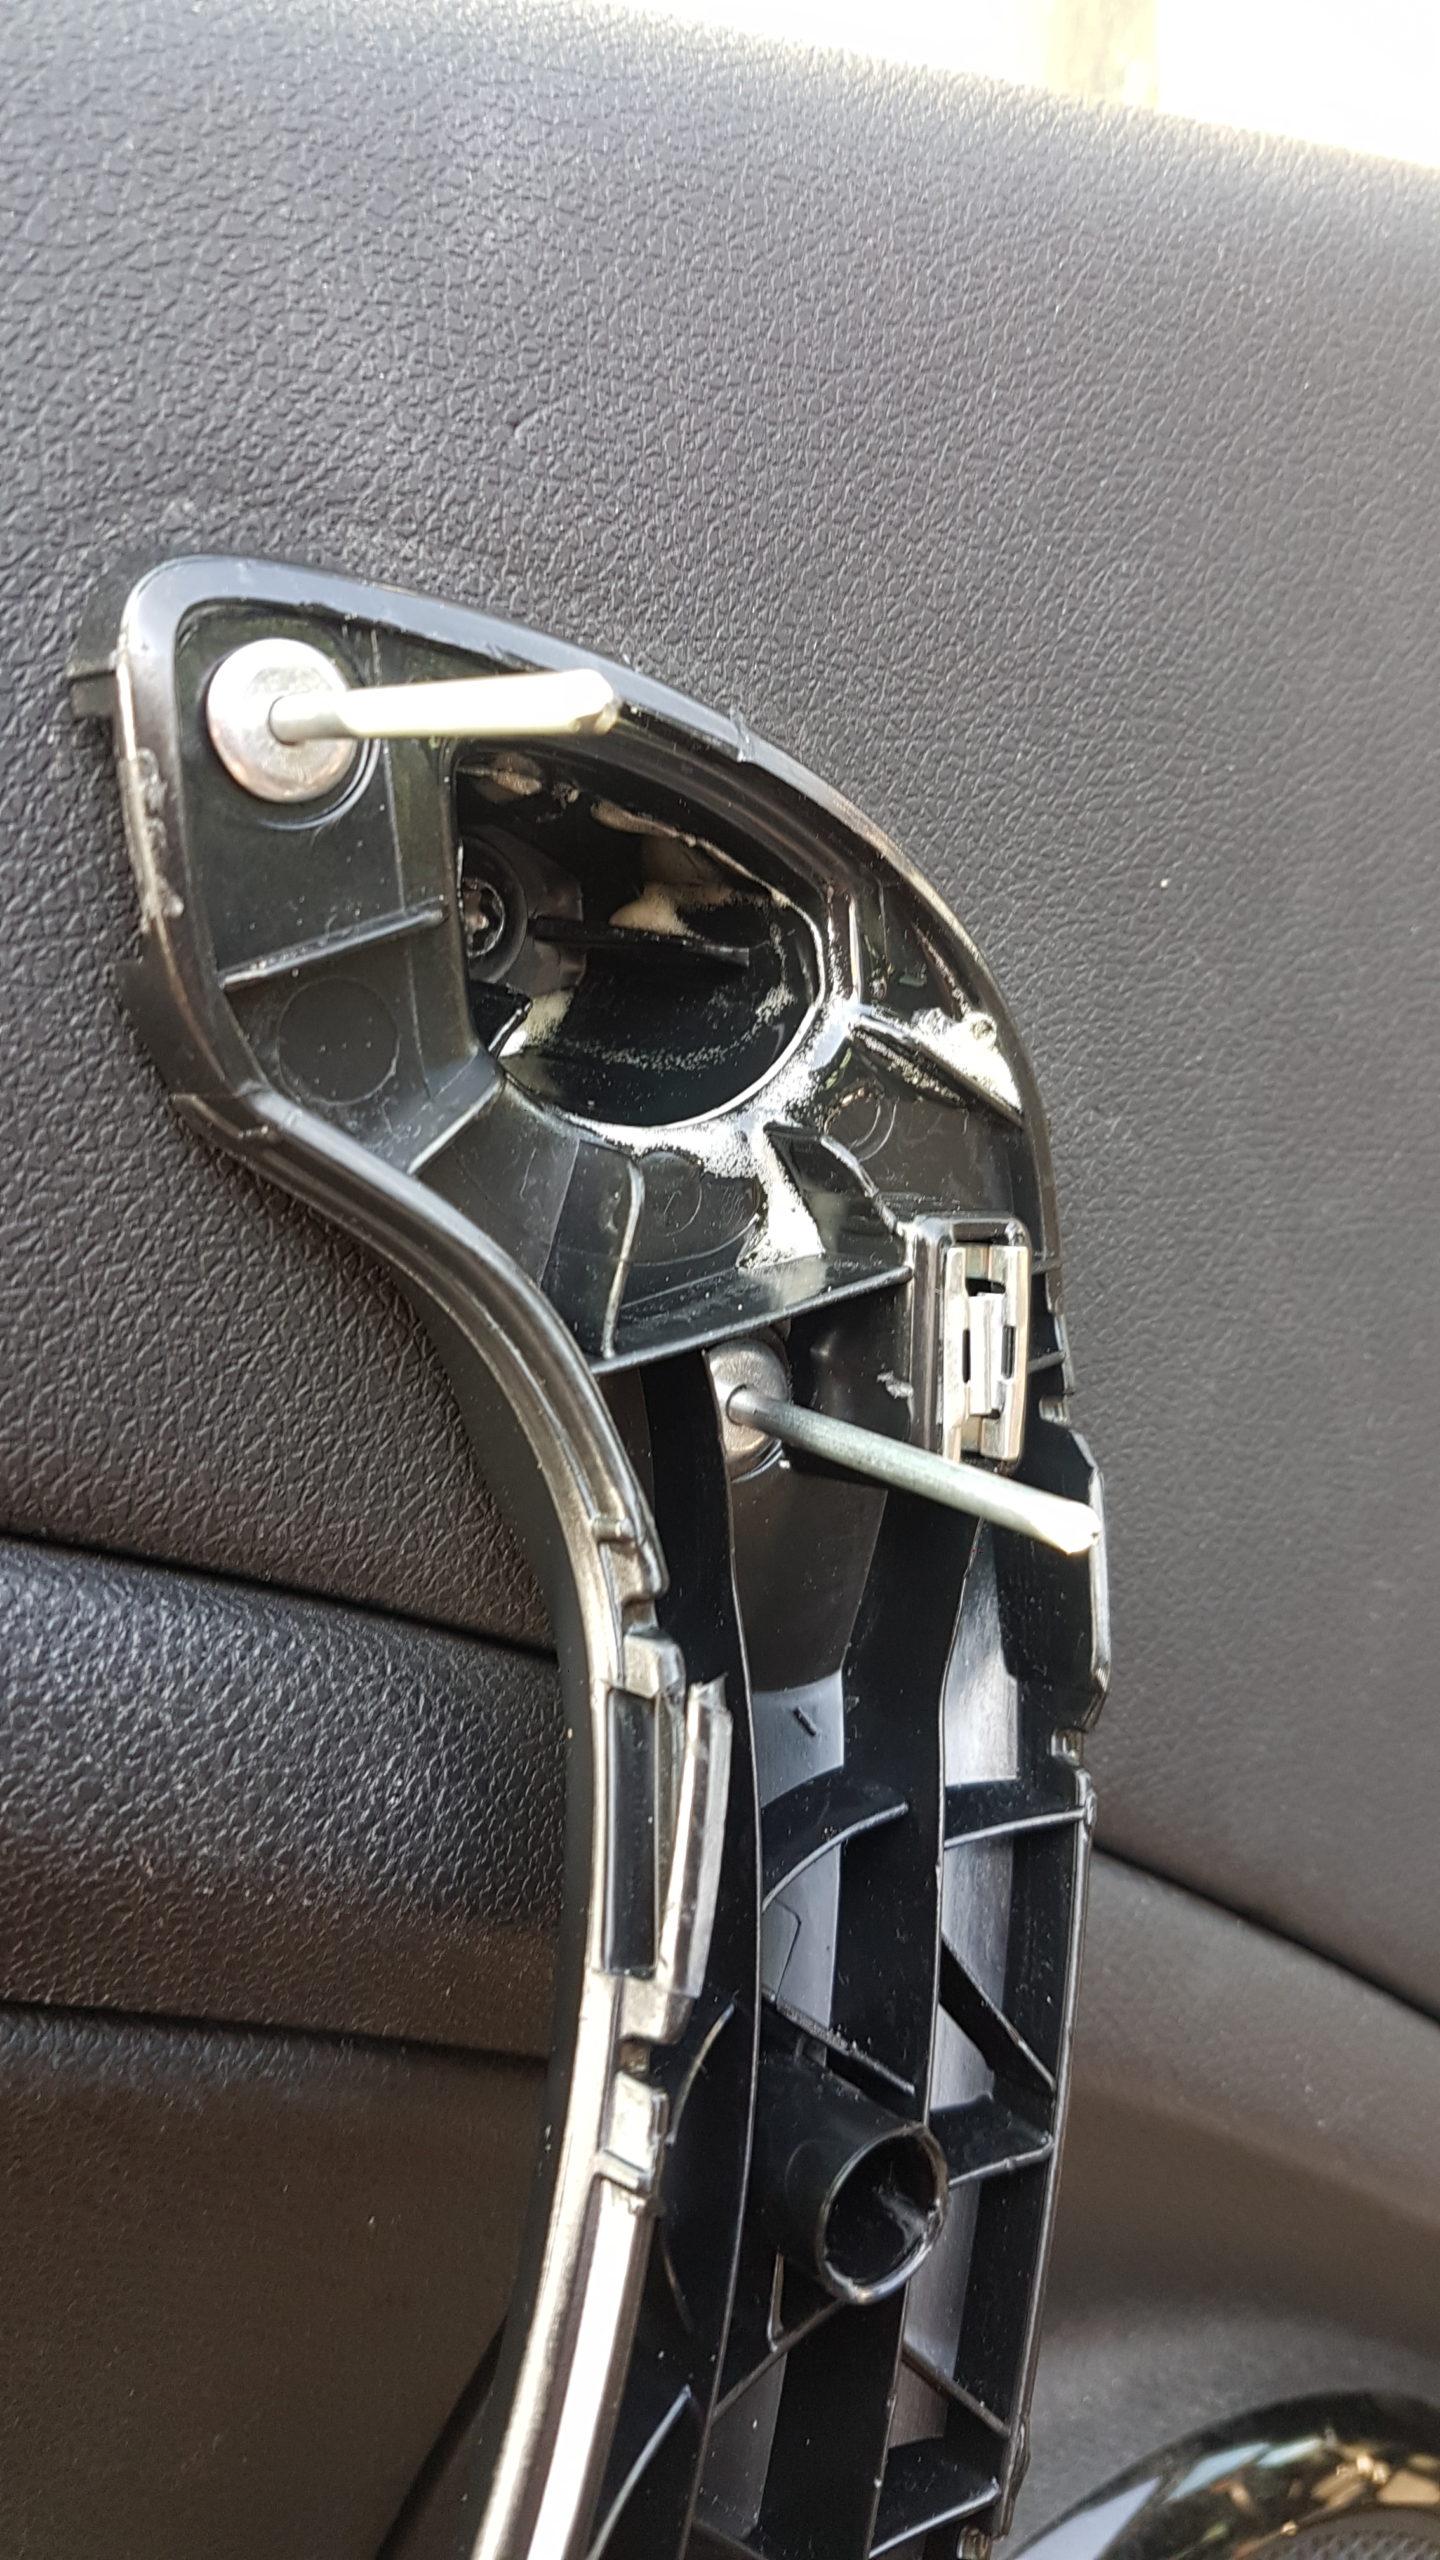 Vastzetten deurgreep Renault Megane 3 met popnagels